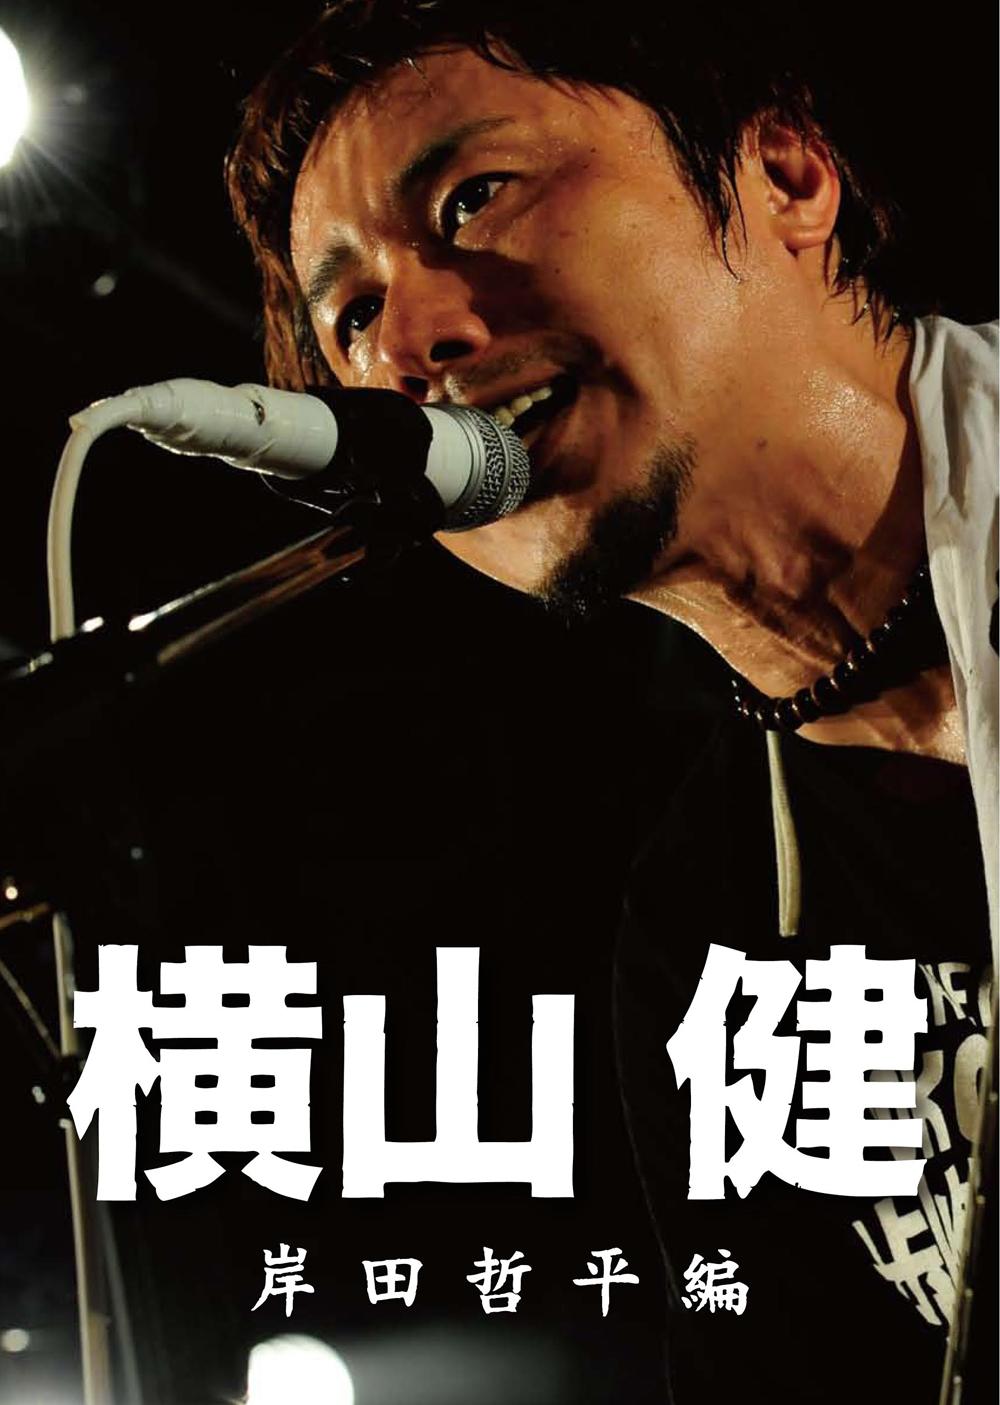 『横山健 ―岸田哲平編―』 発売中 3,700円 + 税(スペースシャワーネットワーク)